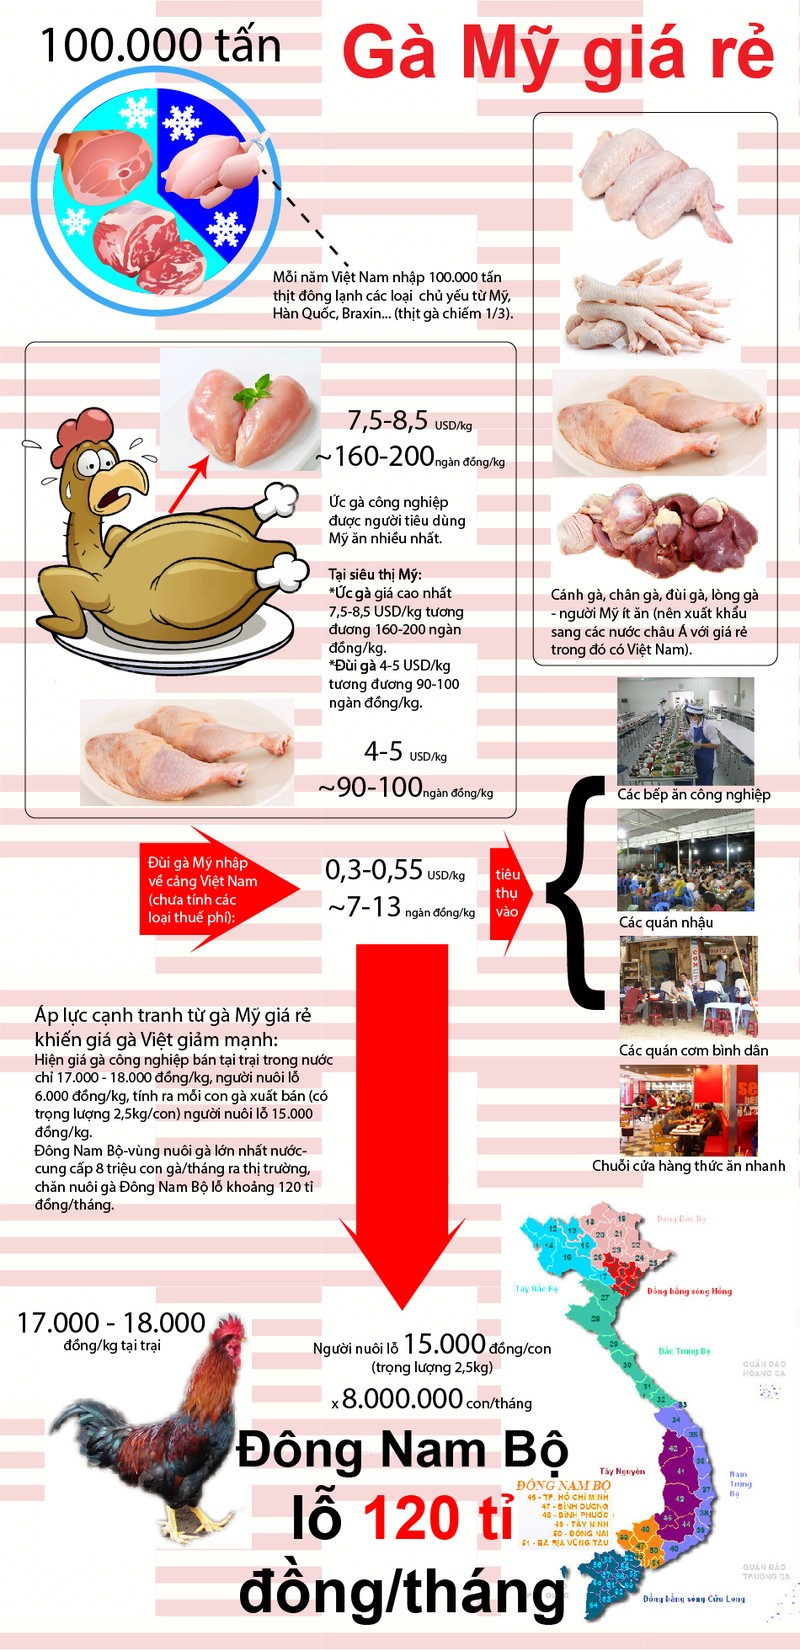 Infographic: Điều chưa biết về đùi gà Mỹ 7.000 đồng/kg - ảnh 1